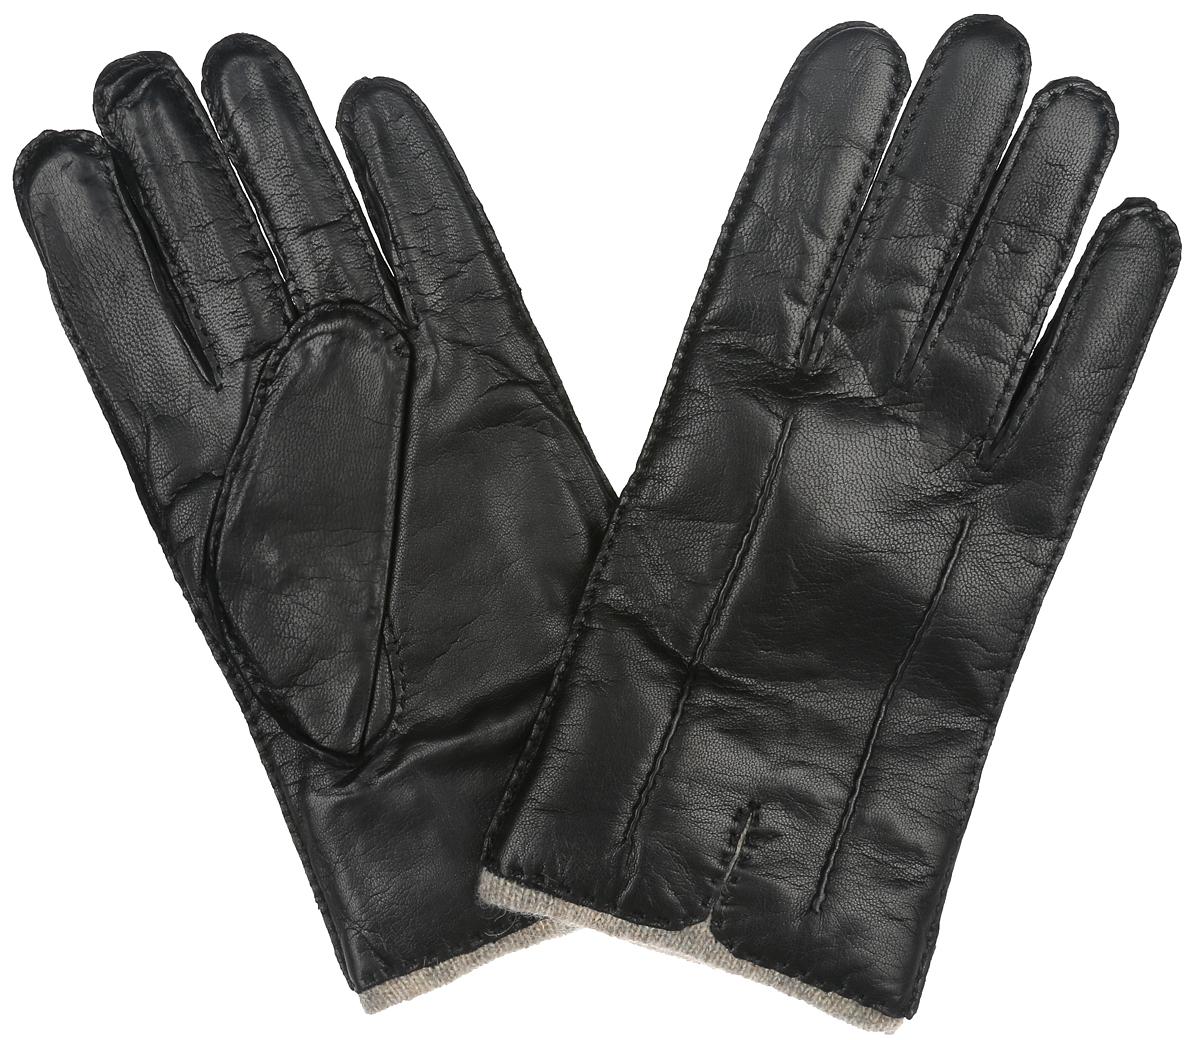 Перчатки мужские Labbra, цвет: черный. LB-0013. Размер 8,5